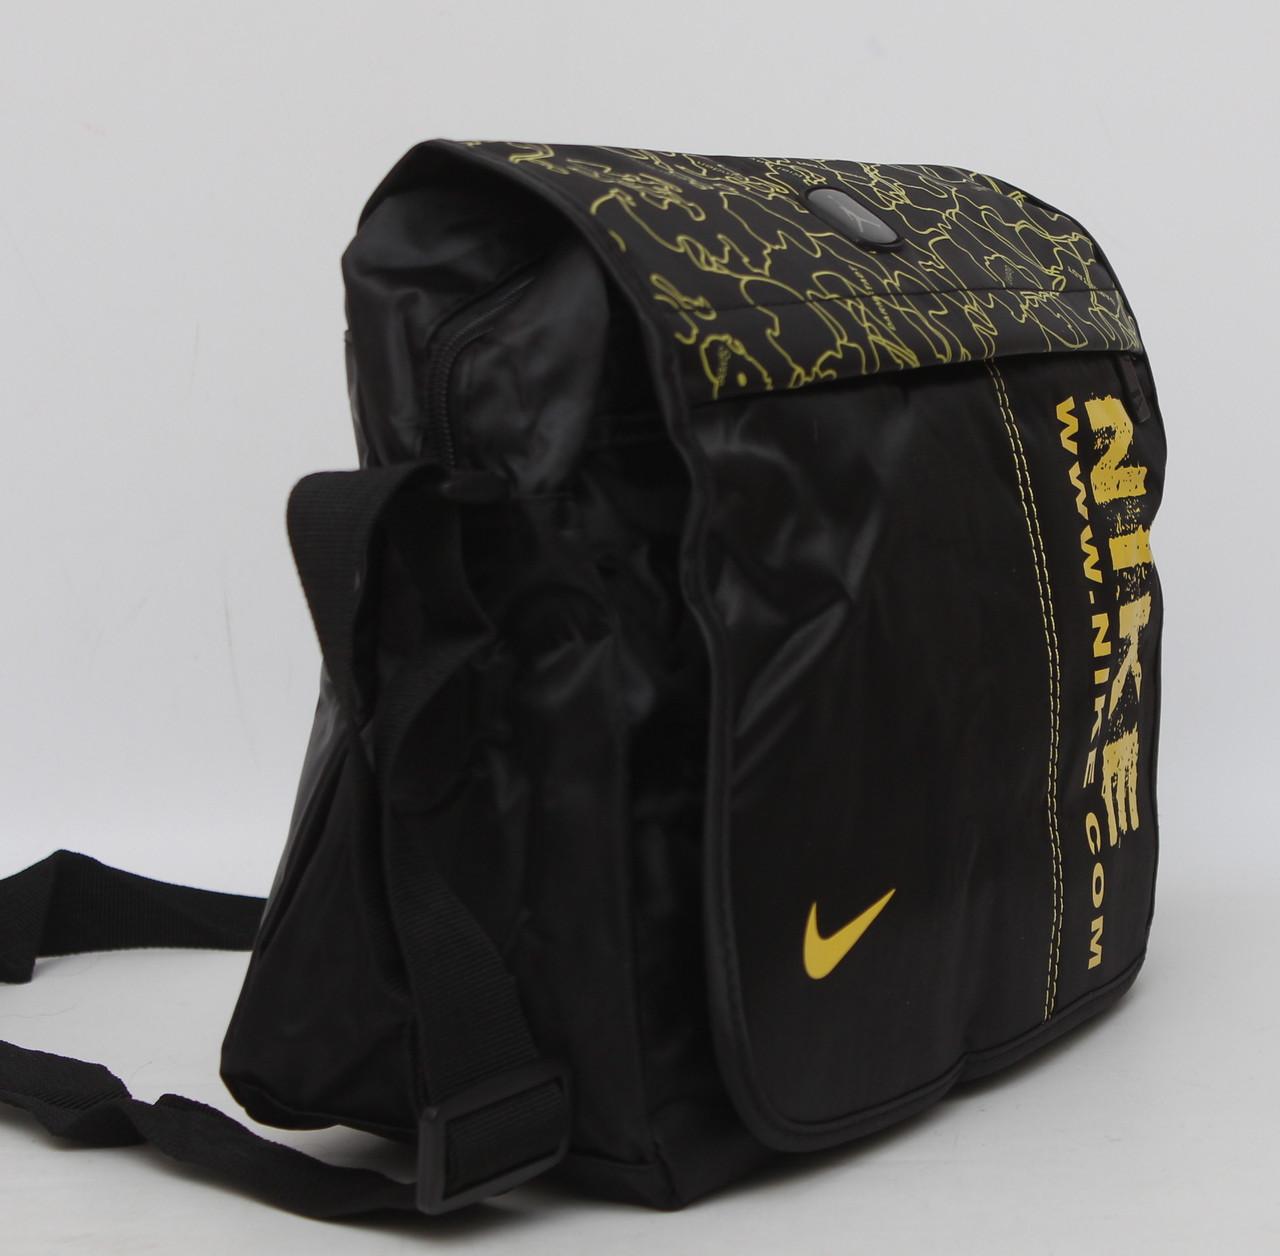 37ba4a6c9e26 ... Чоловіча сумка через плече Nike / Мужская сумка через плечо Nike, ...